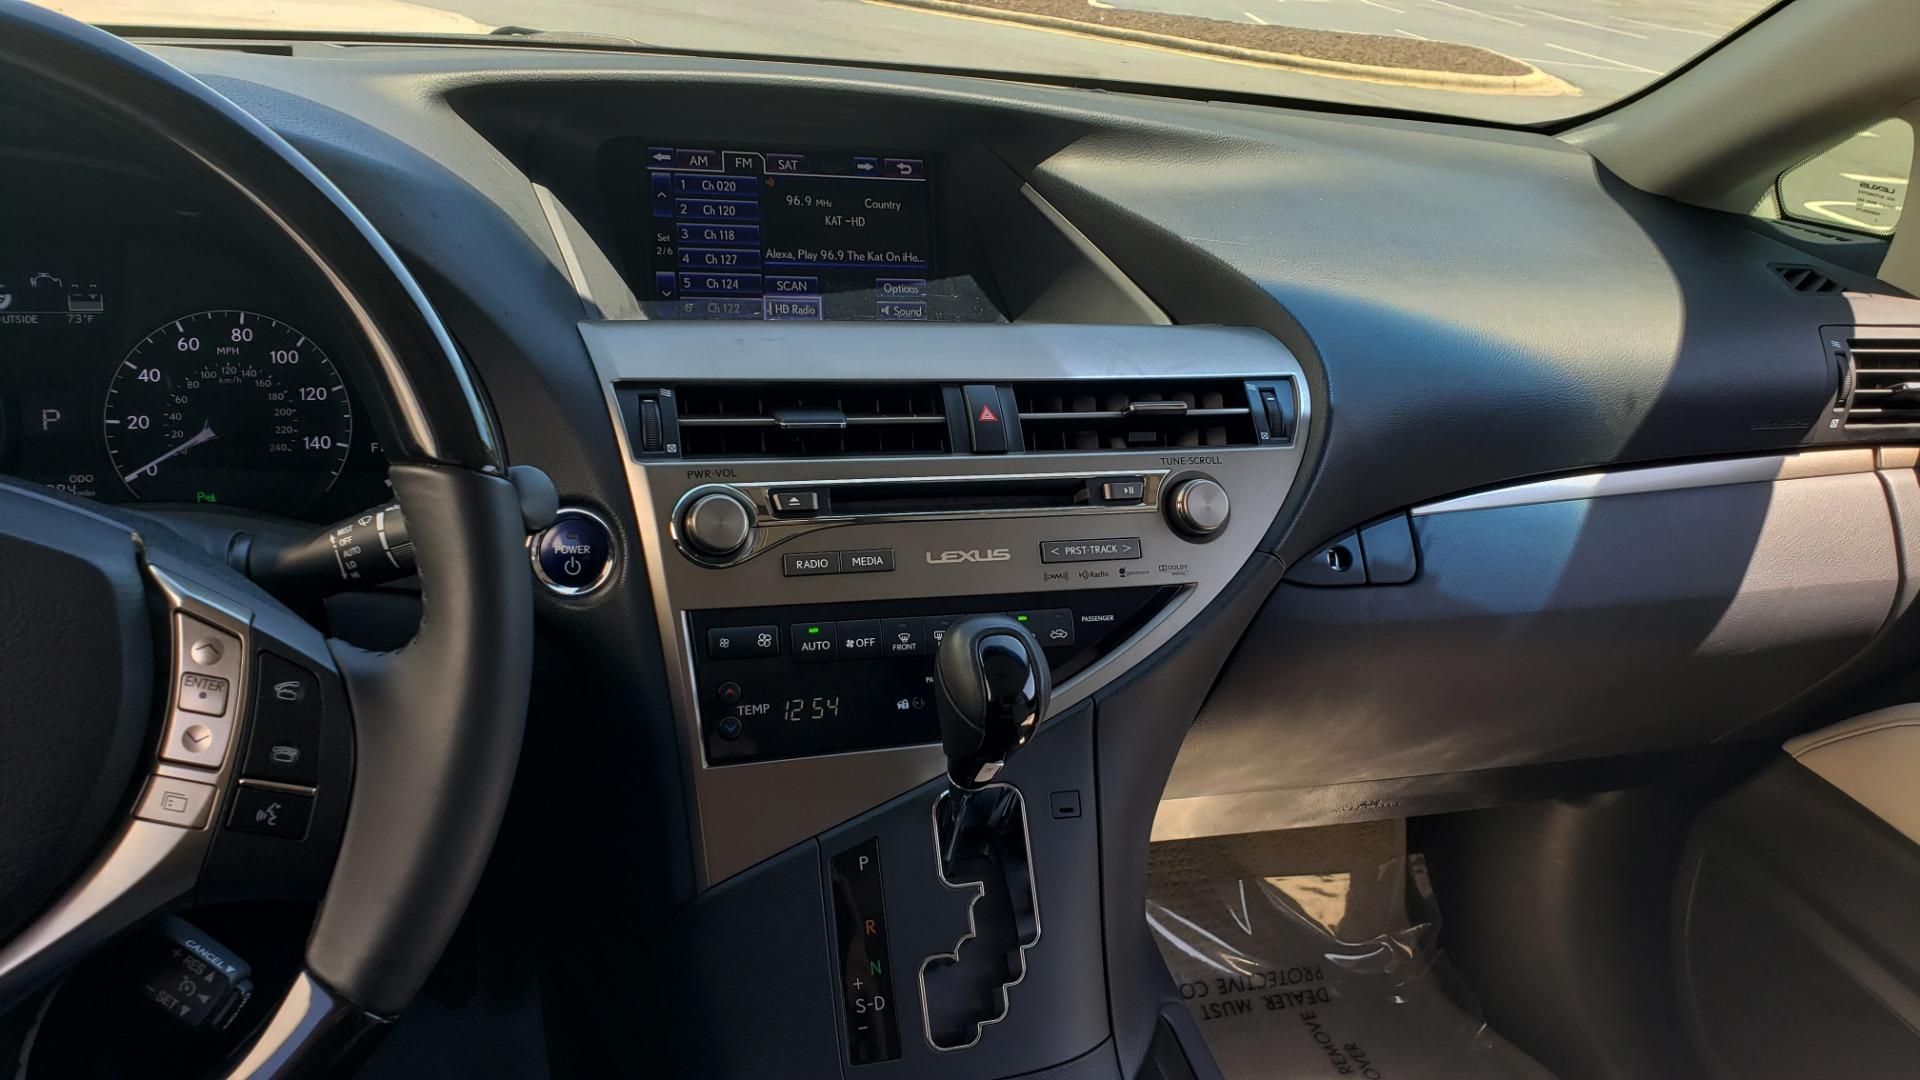 Used 2015 Lexus RX 450H AWD / PREM PKG / NAV / PARK ASST / HUD / BLIND SPOT MONITOR for sale Sold at Formula Imports in Charlotte NC 28227 49